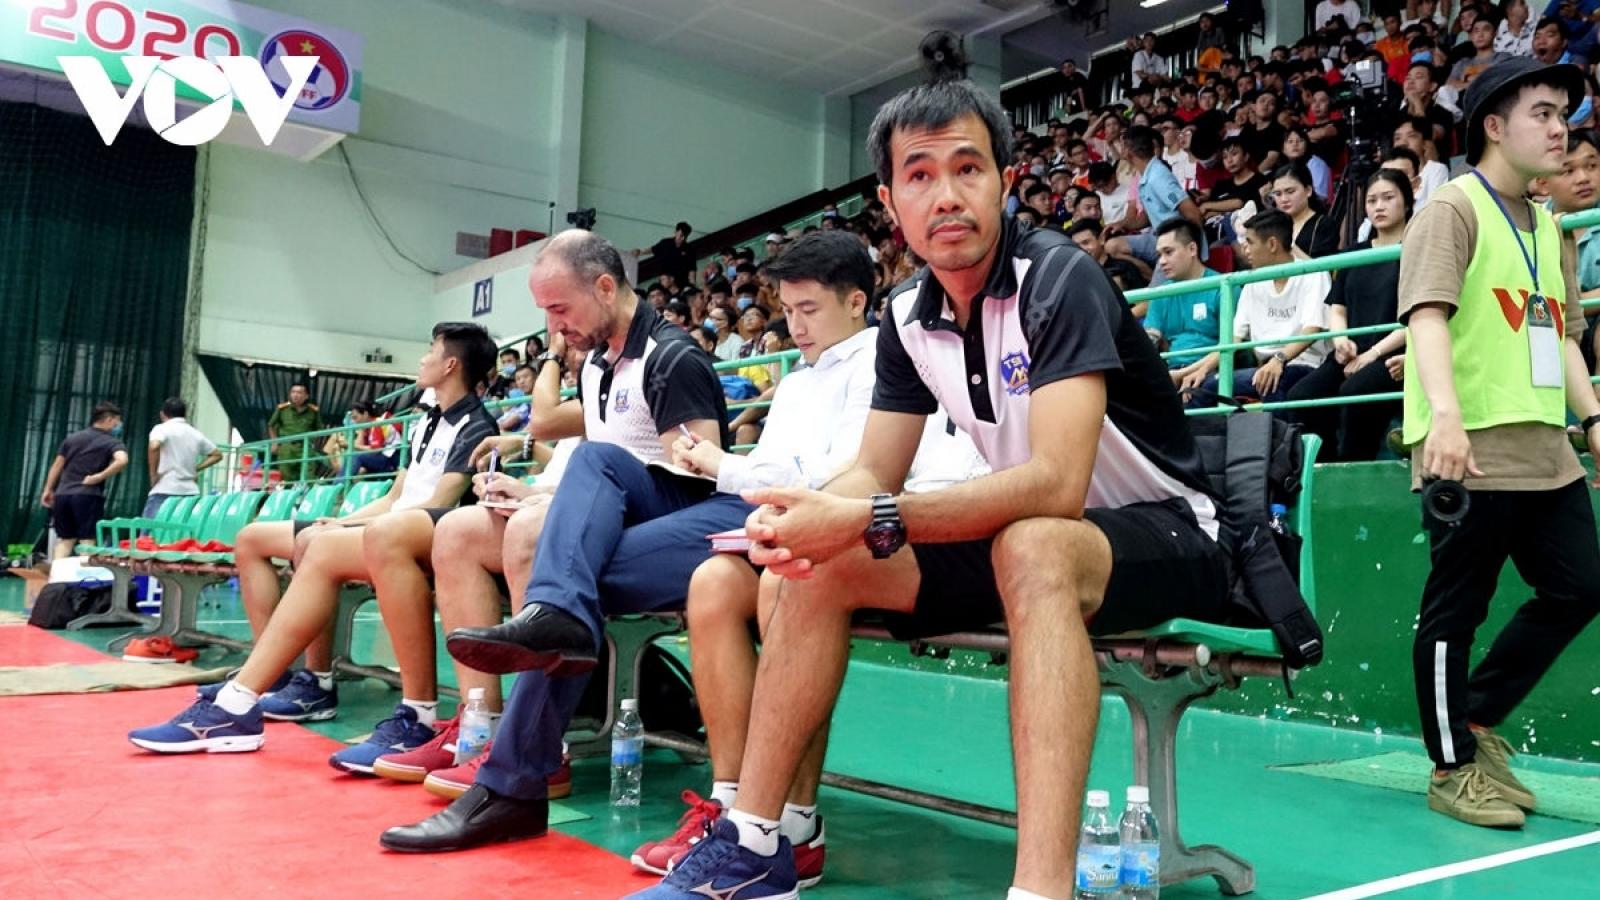 HLV ĐT Futsal Việt Nam được đề cử cho danh hiệu HLV xuất sắc nhất thế giới